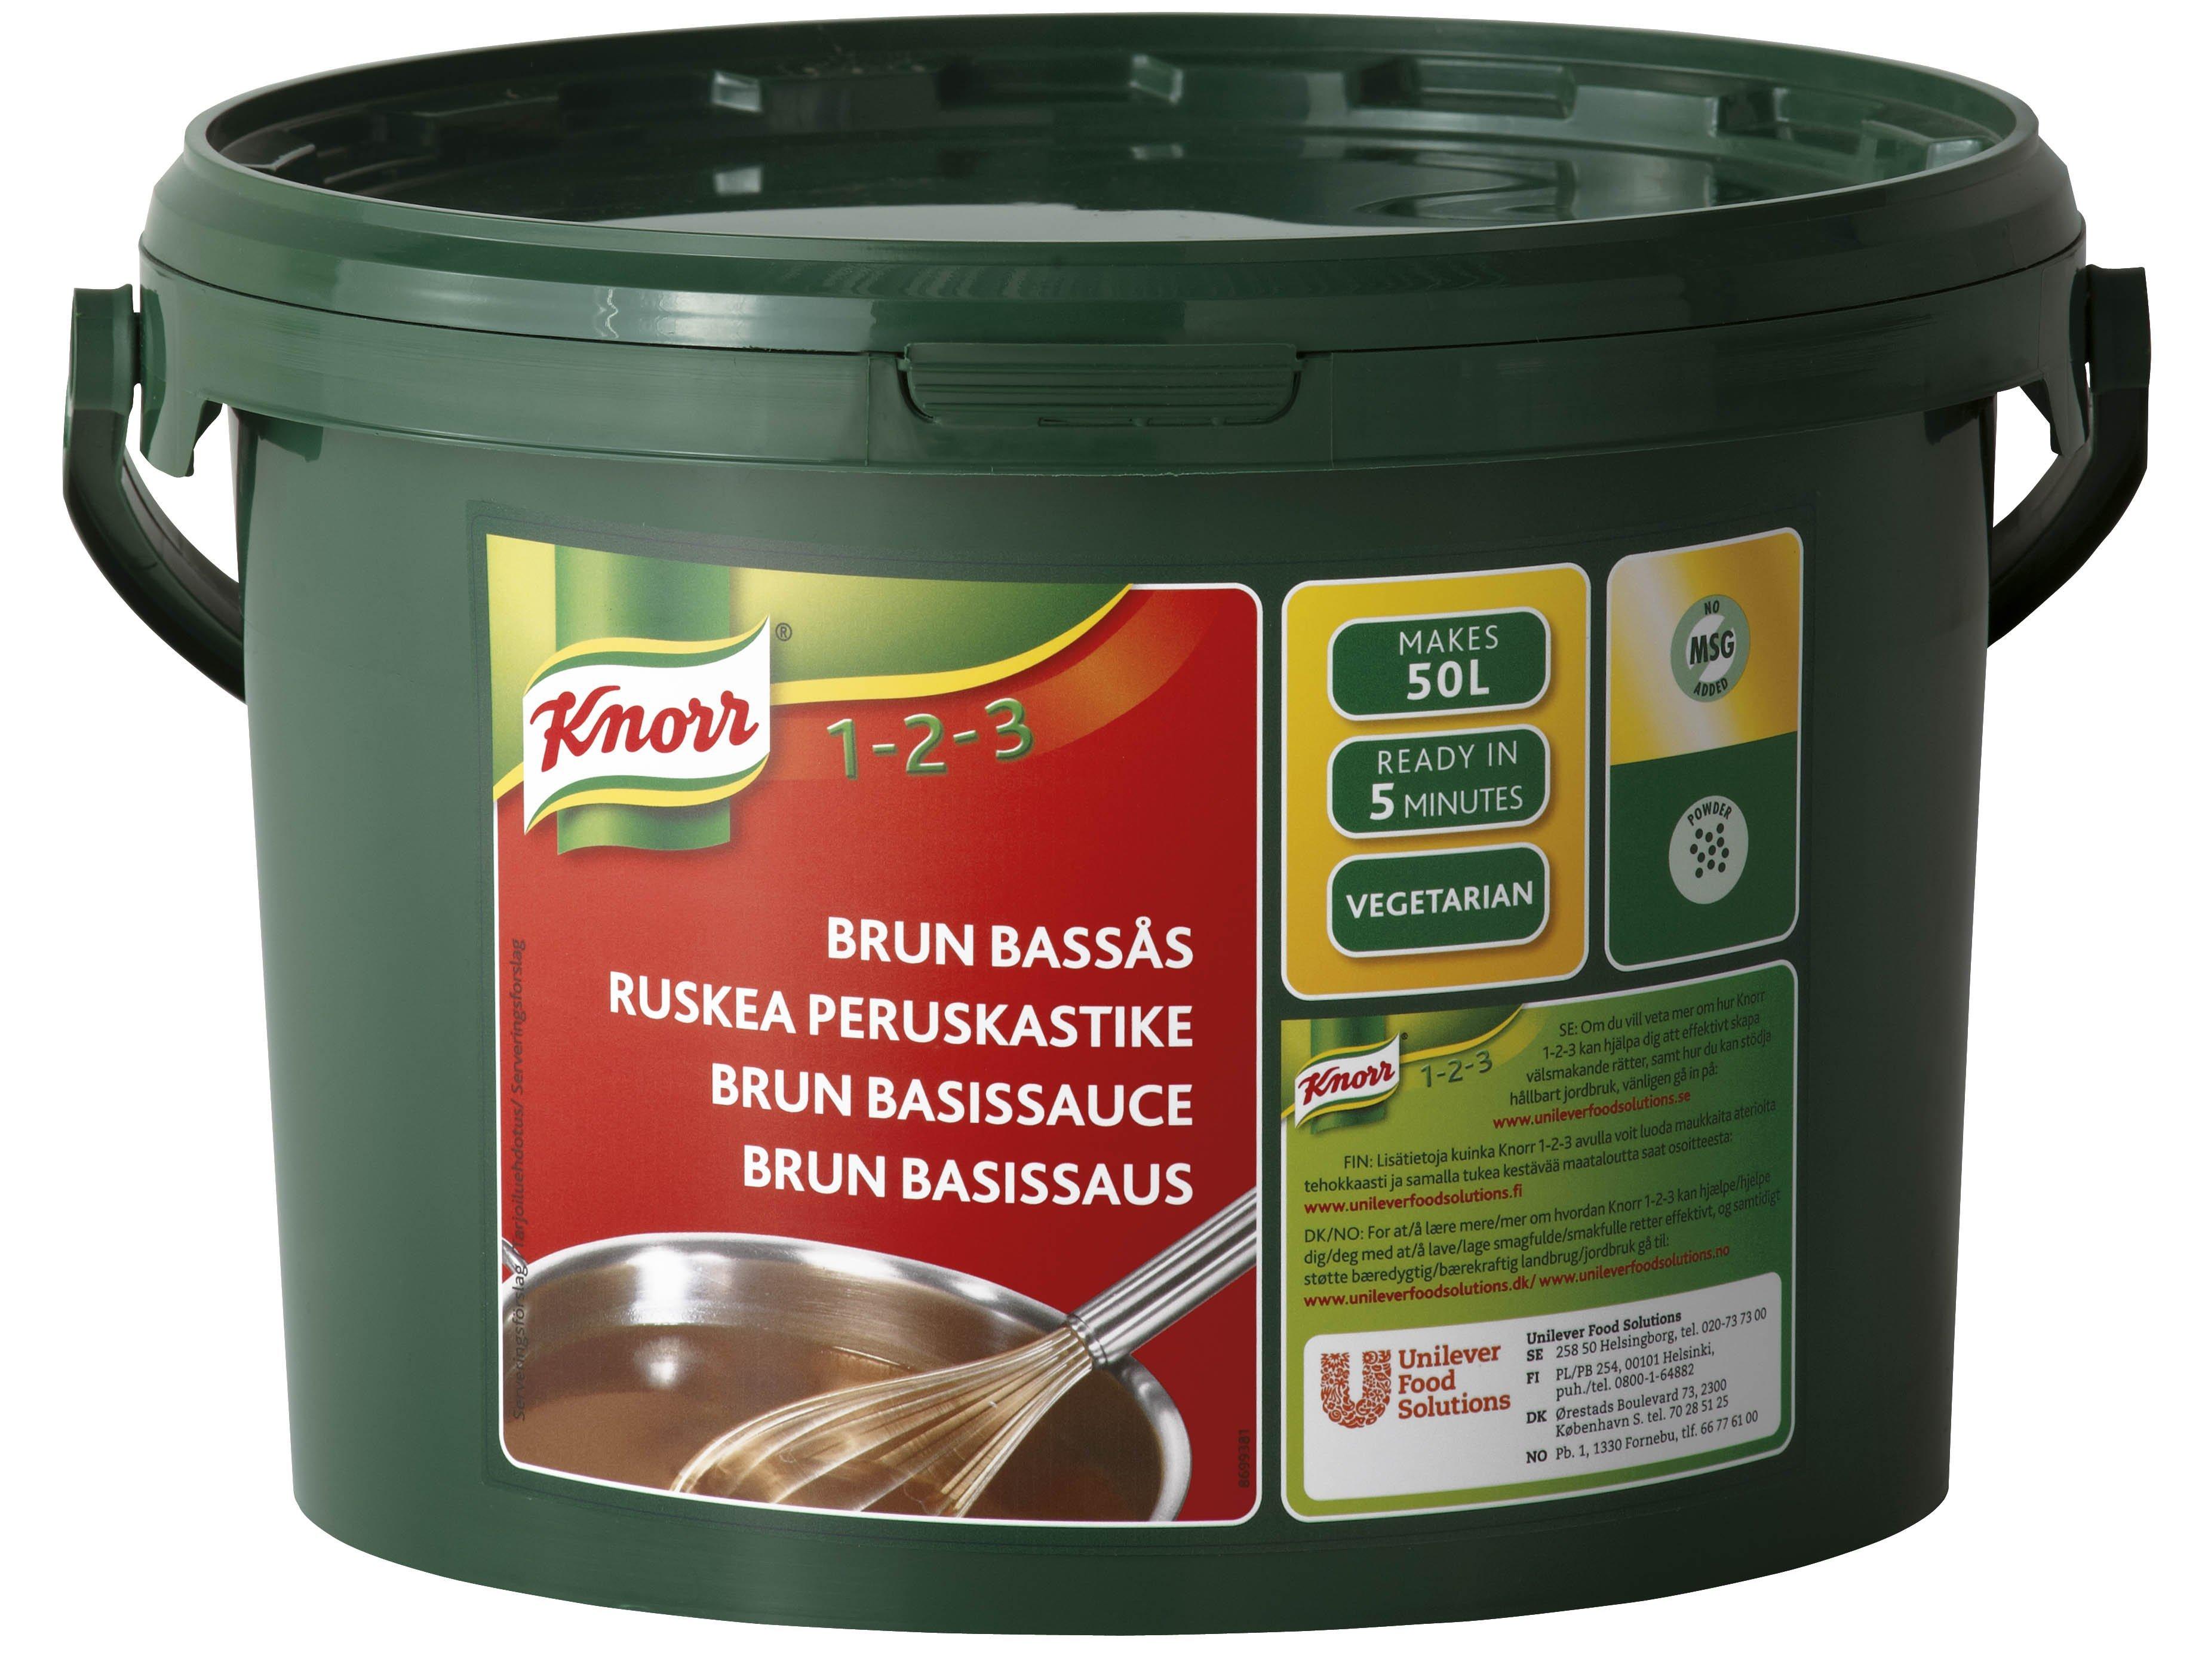 Knorr Brun bassås 1 x 3,75 kg